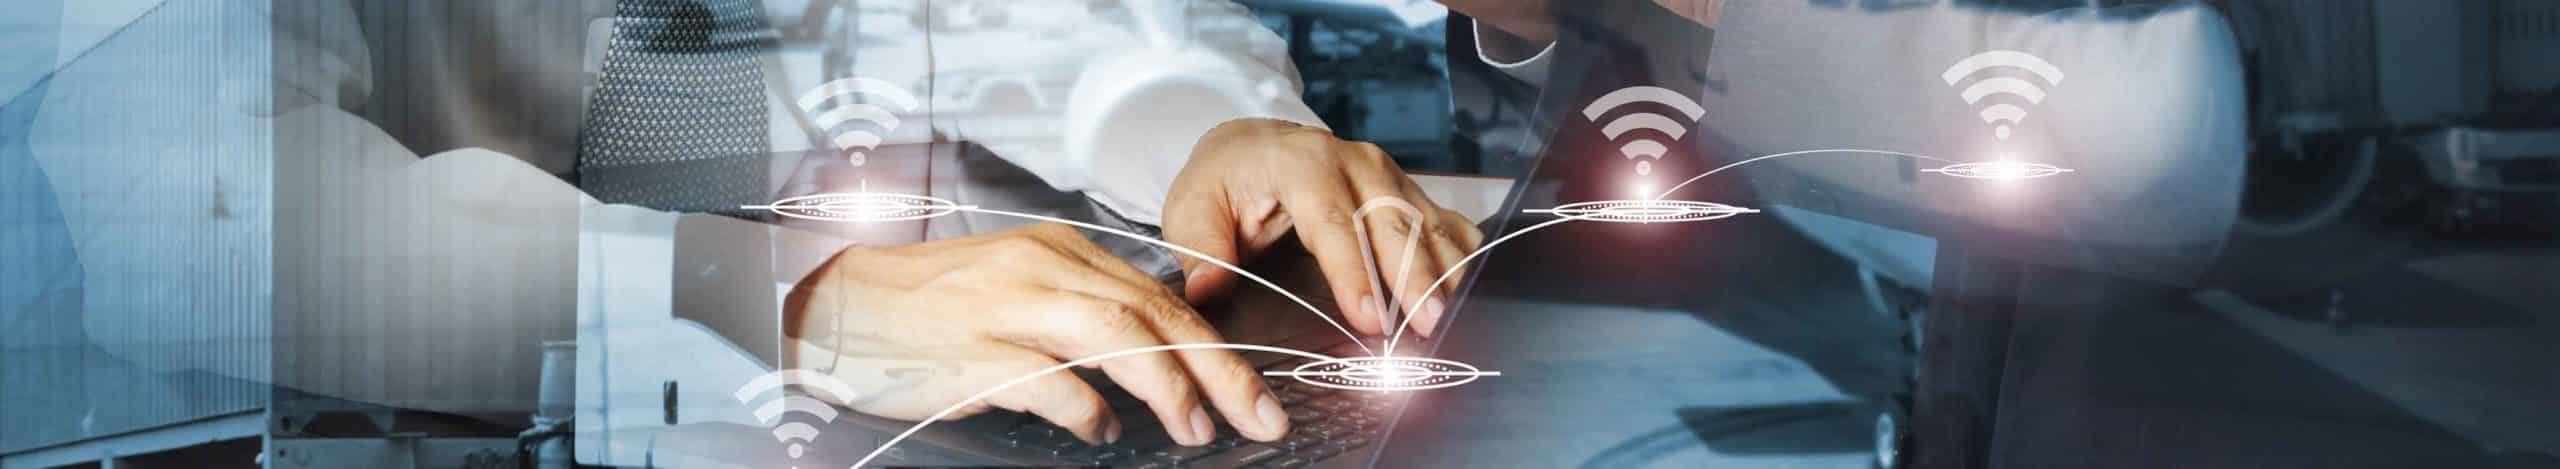 Ein Mann benutzt ein interakrives Display zu Eingabe seiner Daten.